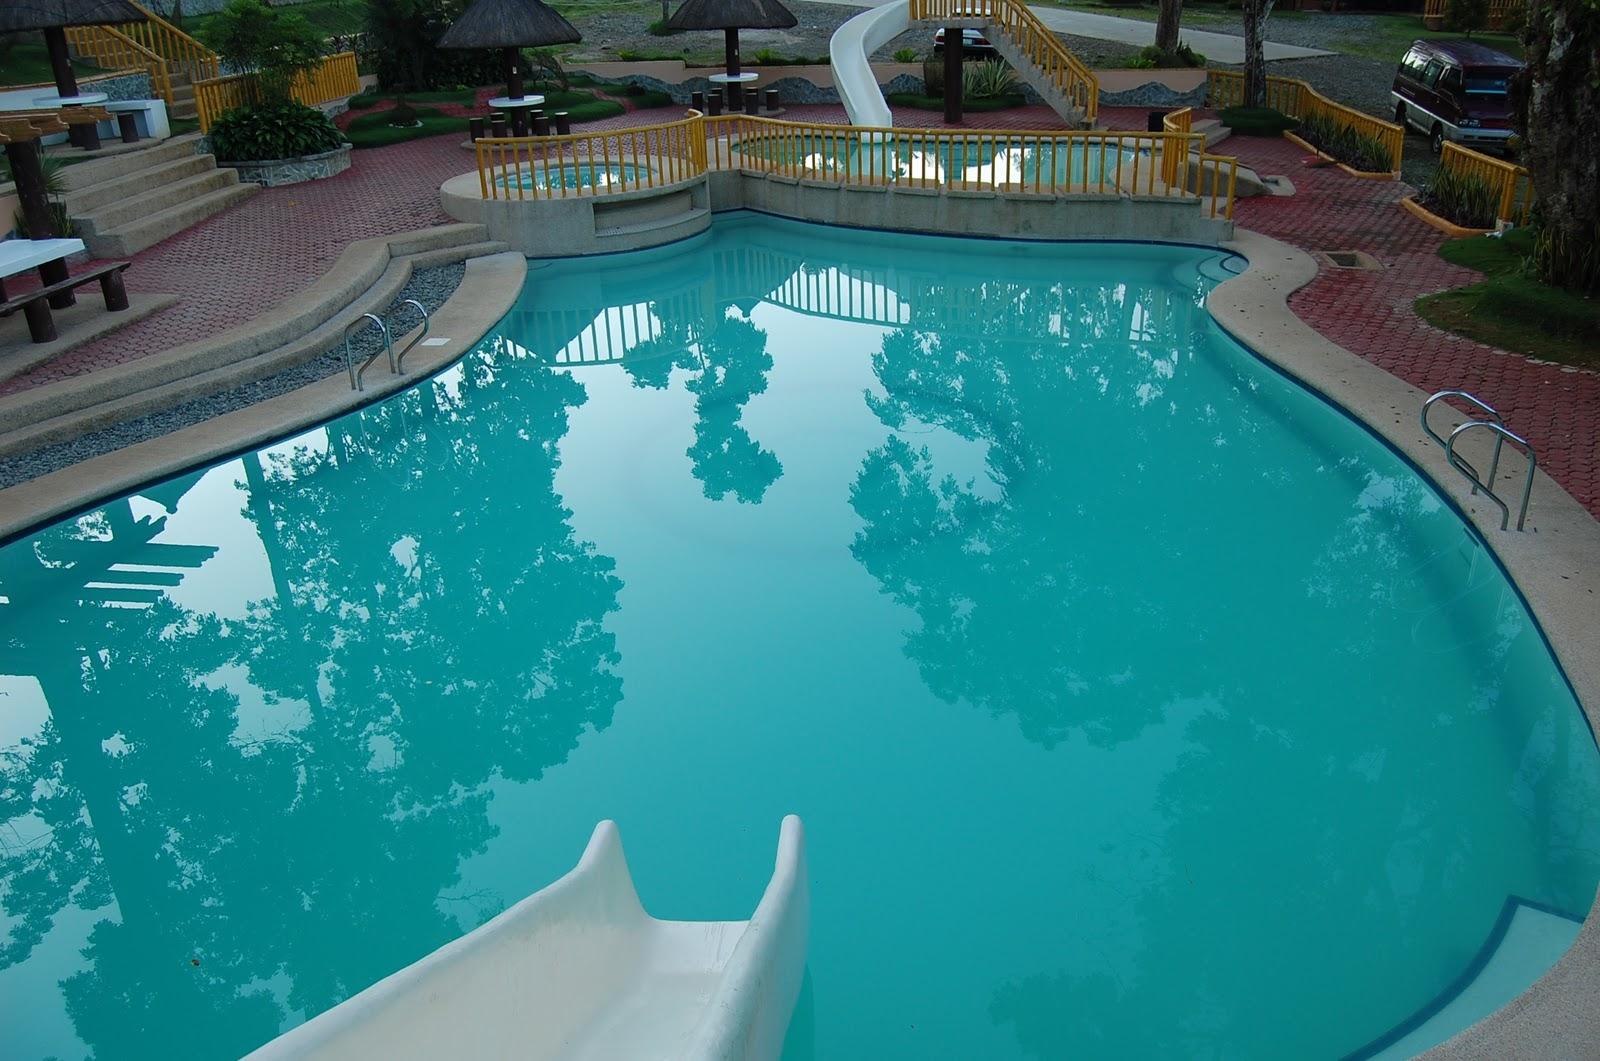 Zamboangatrip Alindahaw Lakeview Resort Zamboanga Sibugay